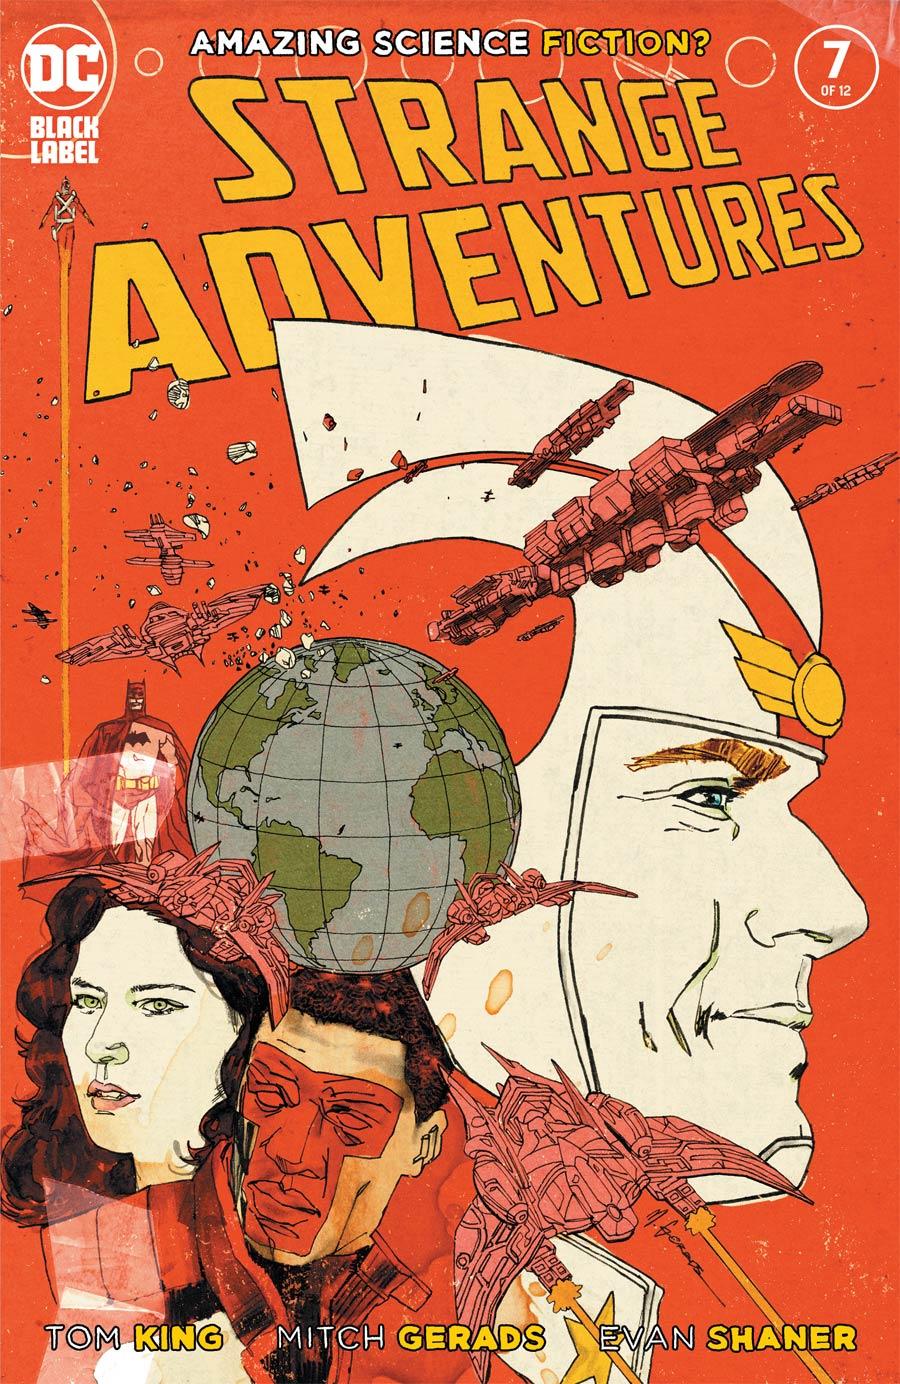 Strange Adventures Vol 4 #7 Cover A Regular Mitch Gerads Cover